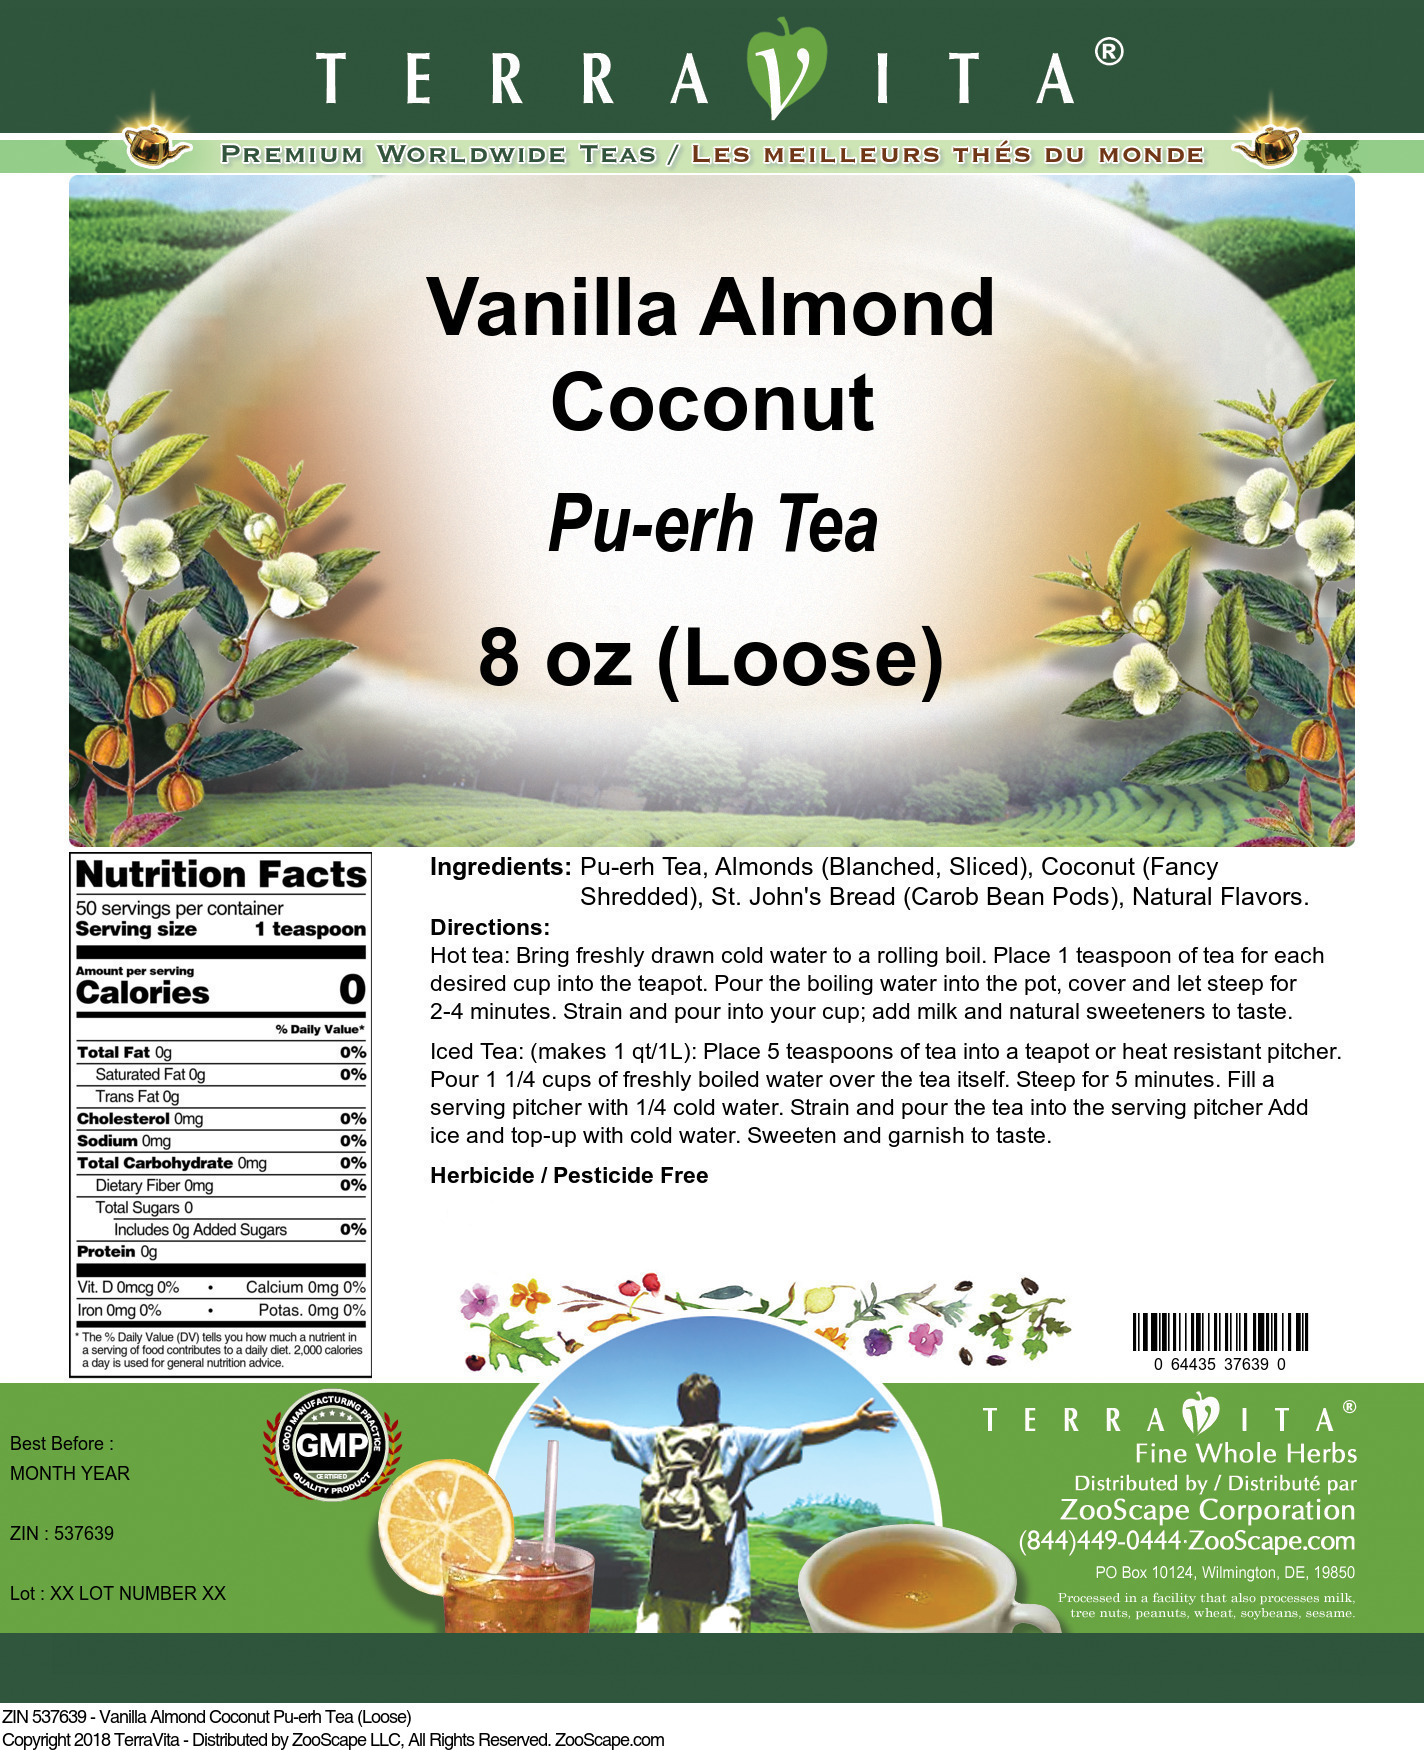 Vanilla Almond Coconut Pu-erh Tea (Loose)